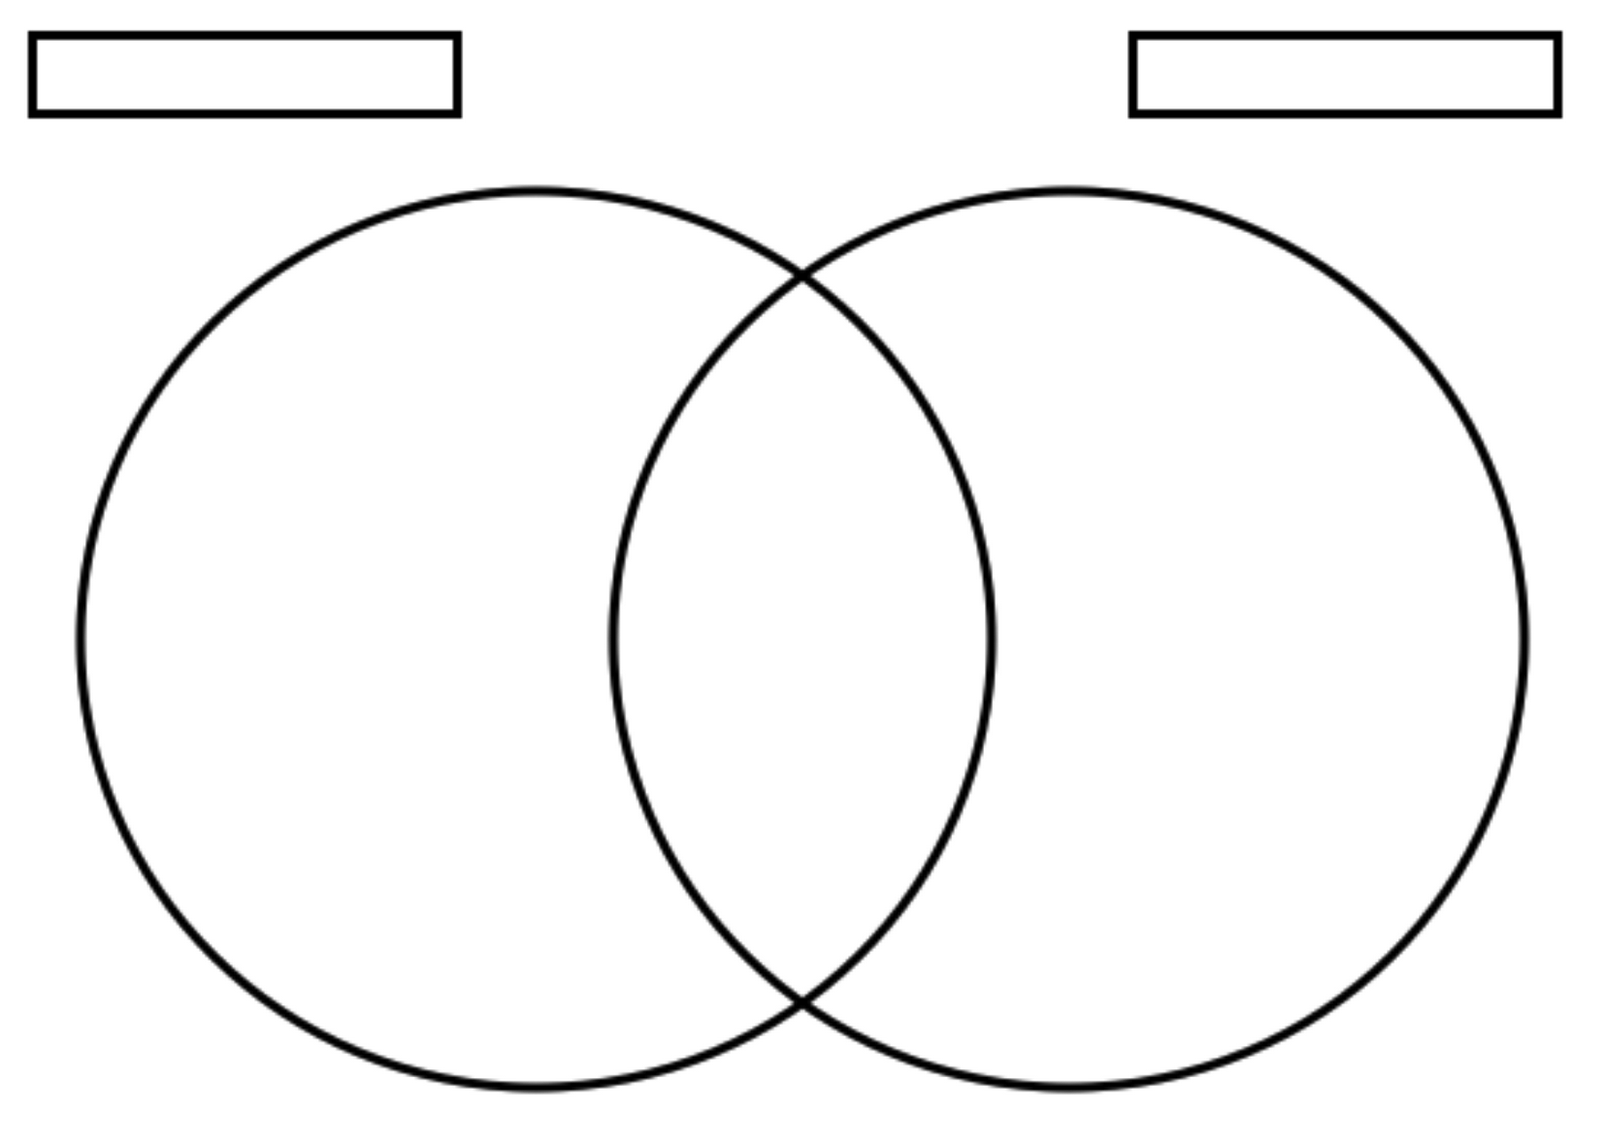 Vertebrea Diagram Blank